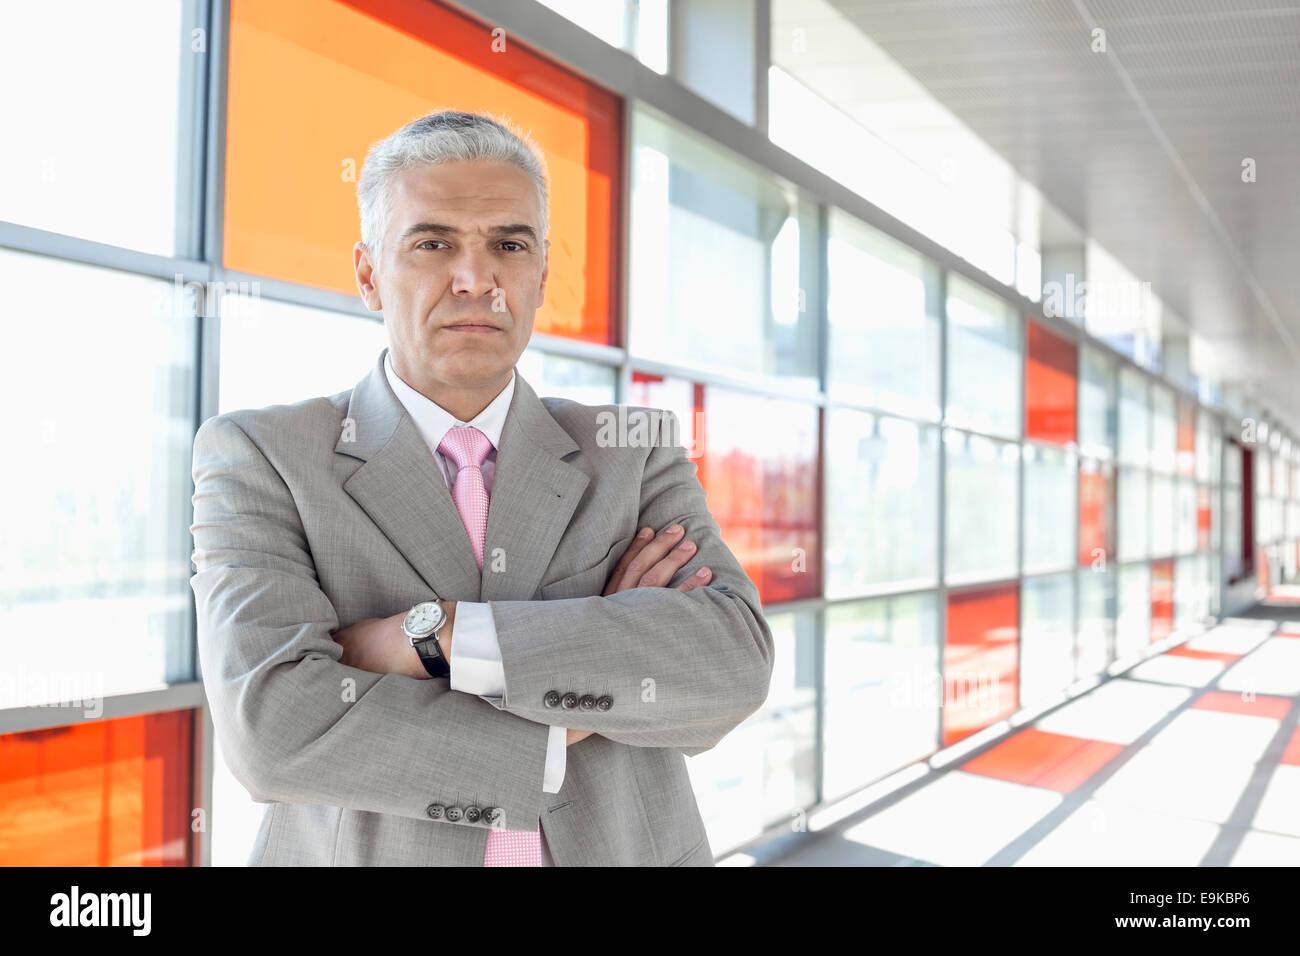 Porträt von zuversichtlich mittleren Alter Geschäftsmann am Bahnhof Stockbild